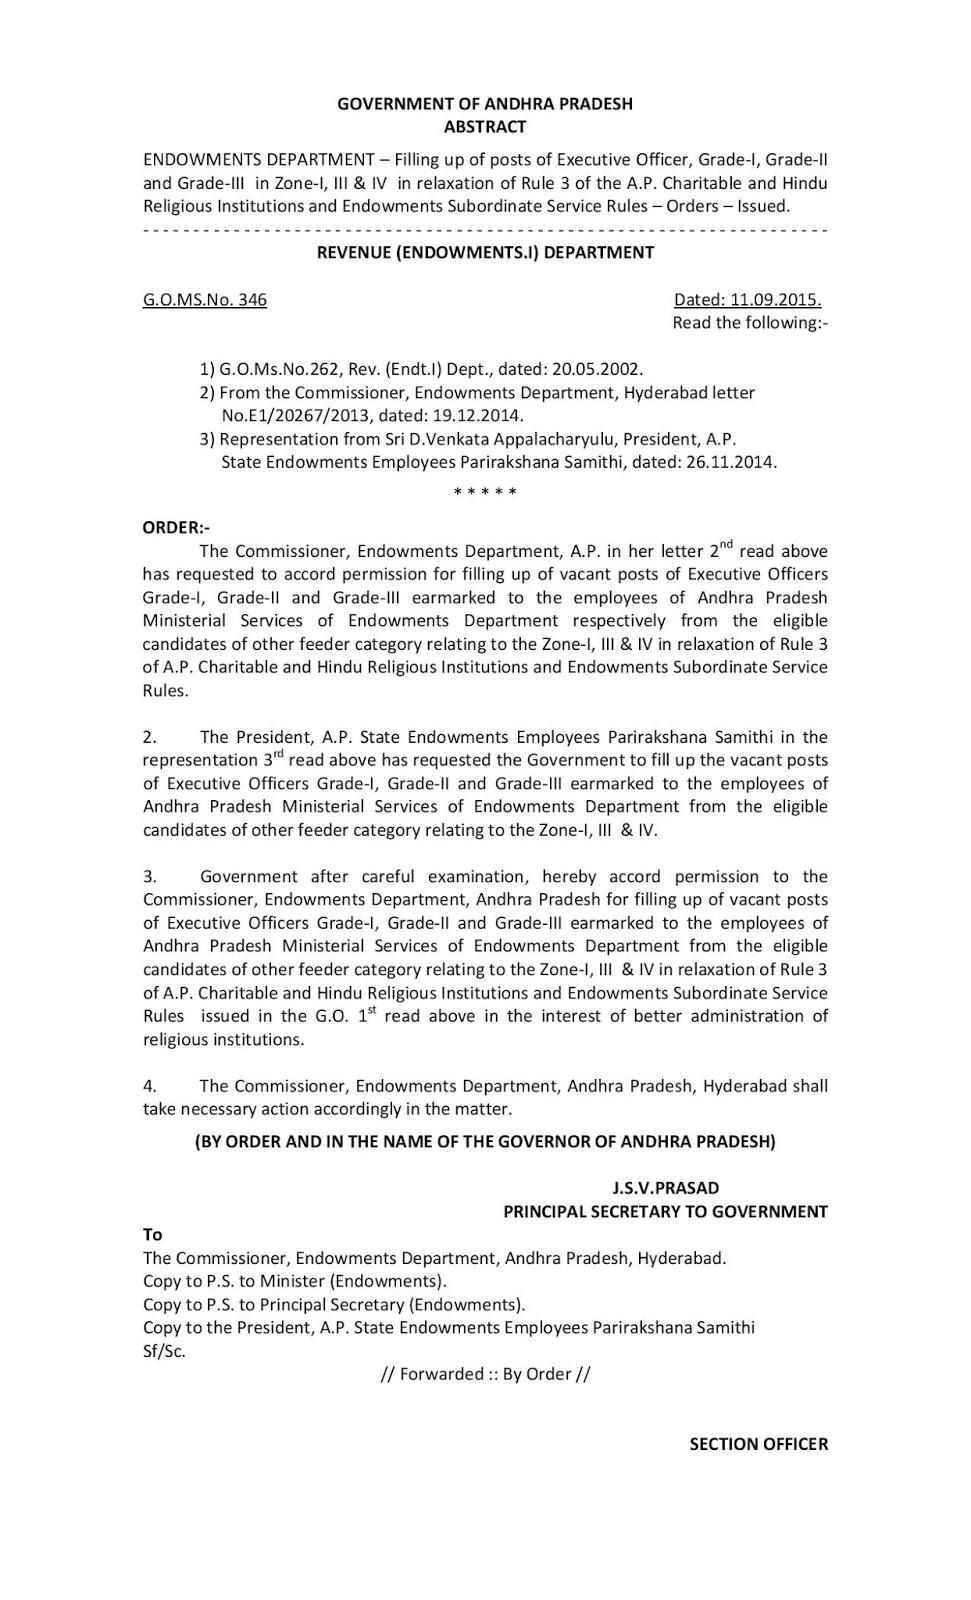 AP Endowments Department Gos and Circulars